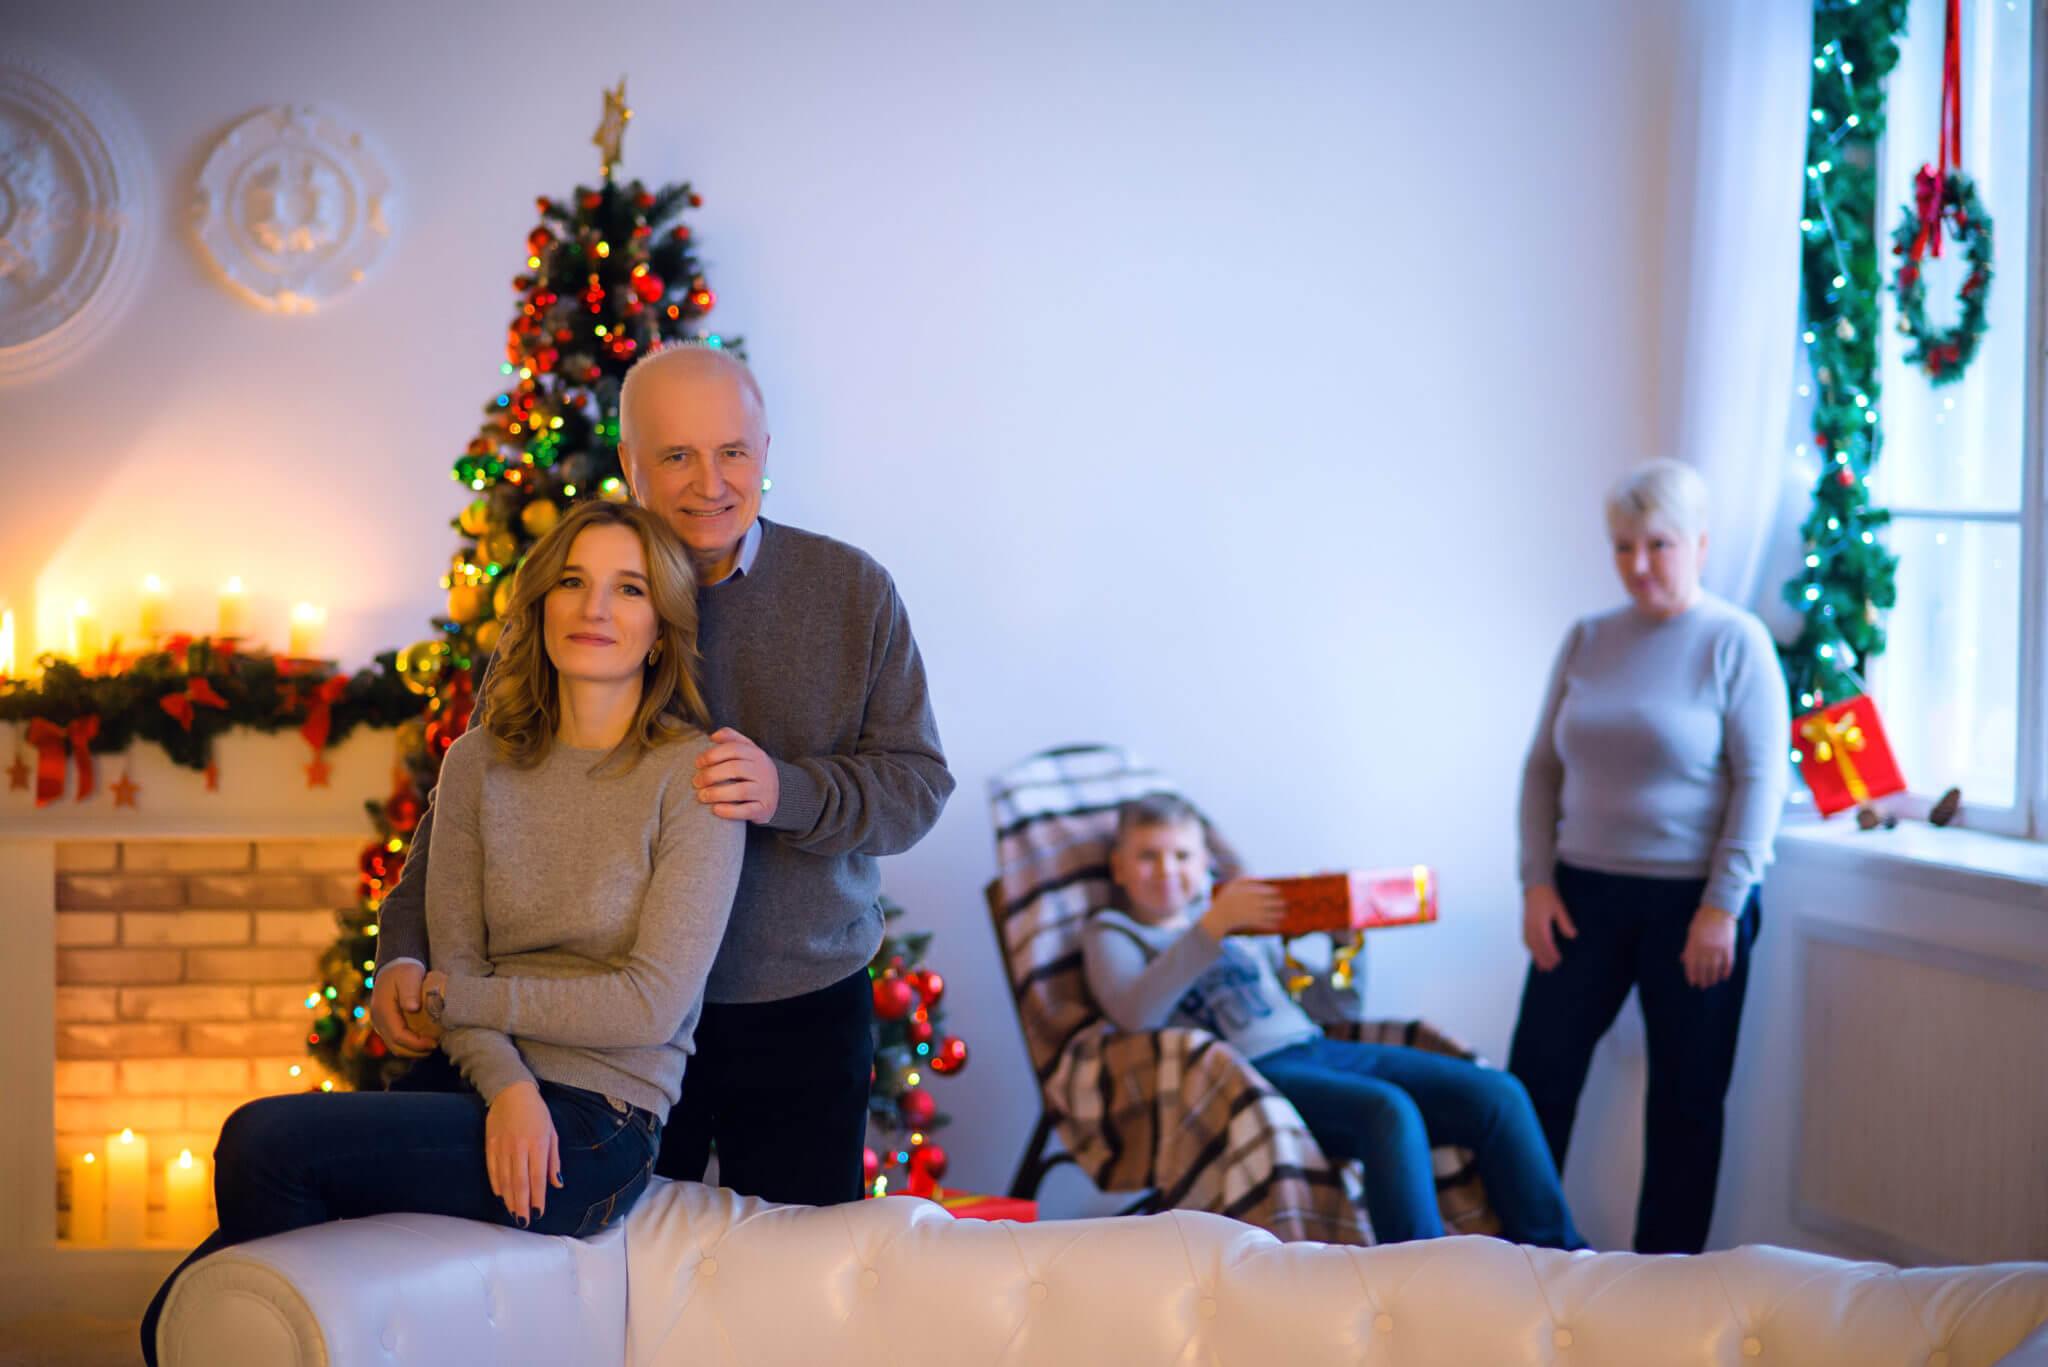 Новогодняя фотосессия, семья из четырех человек на фоне окна, новогодних украшений и елки